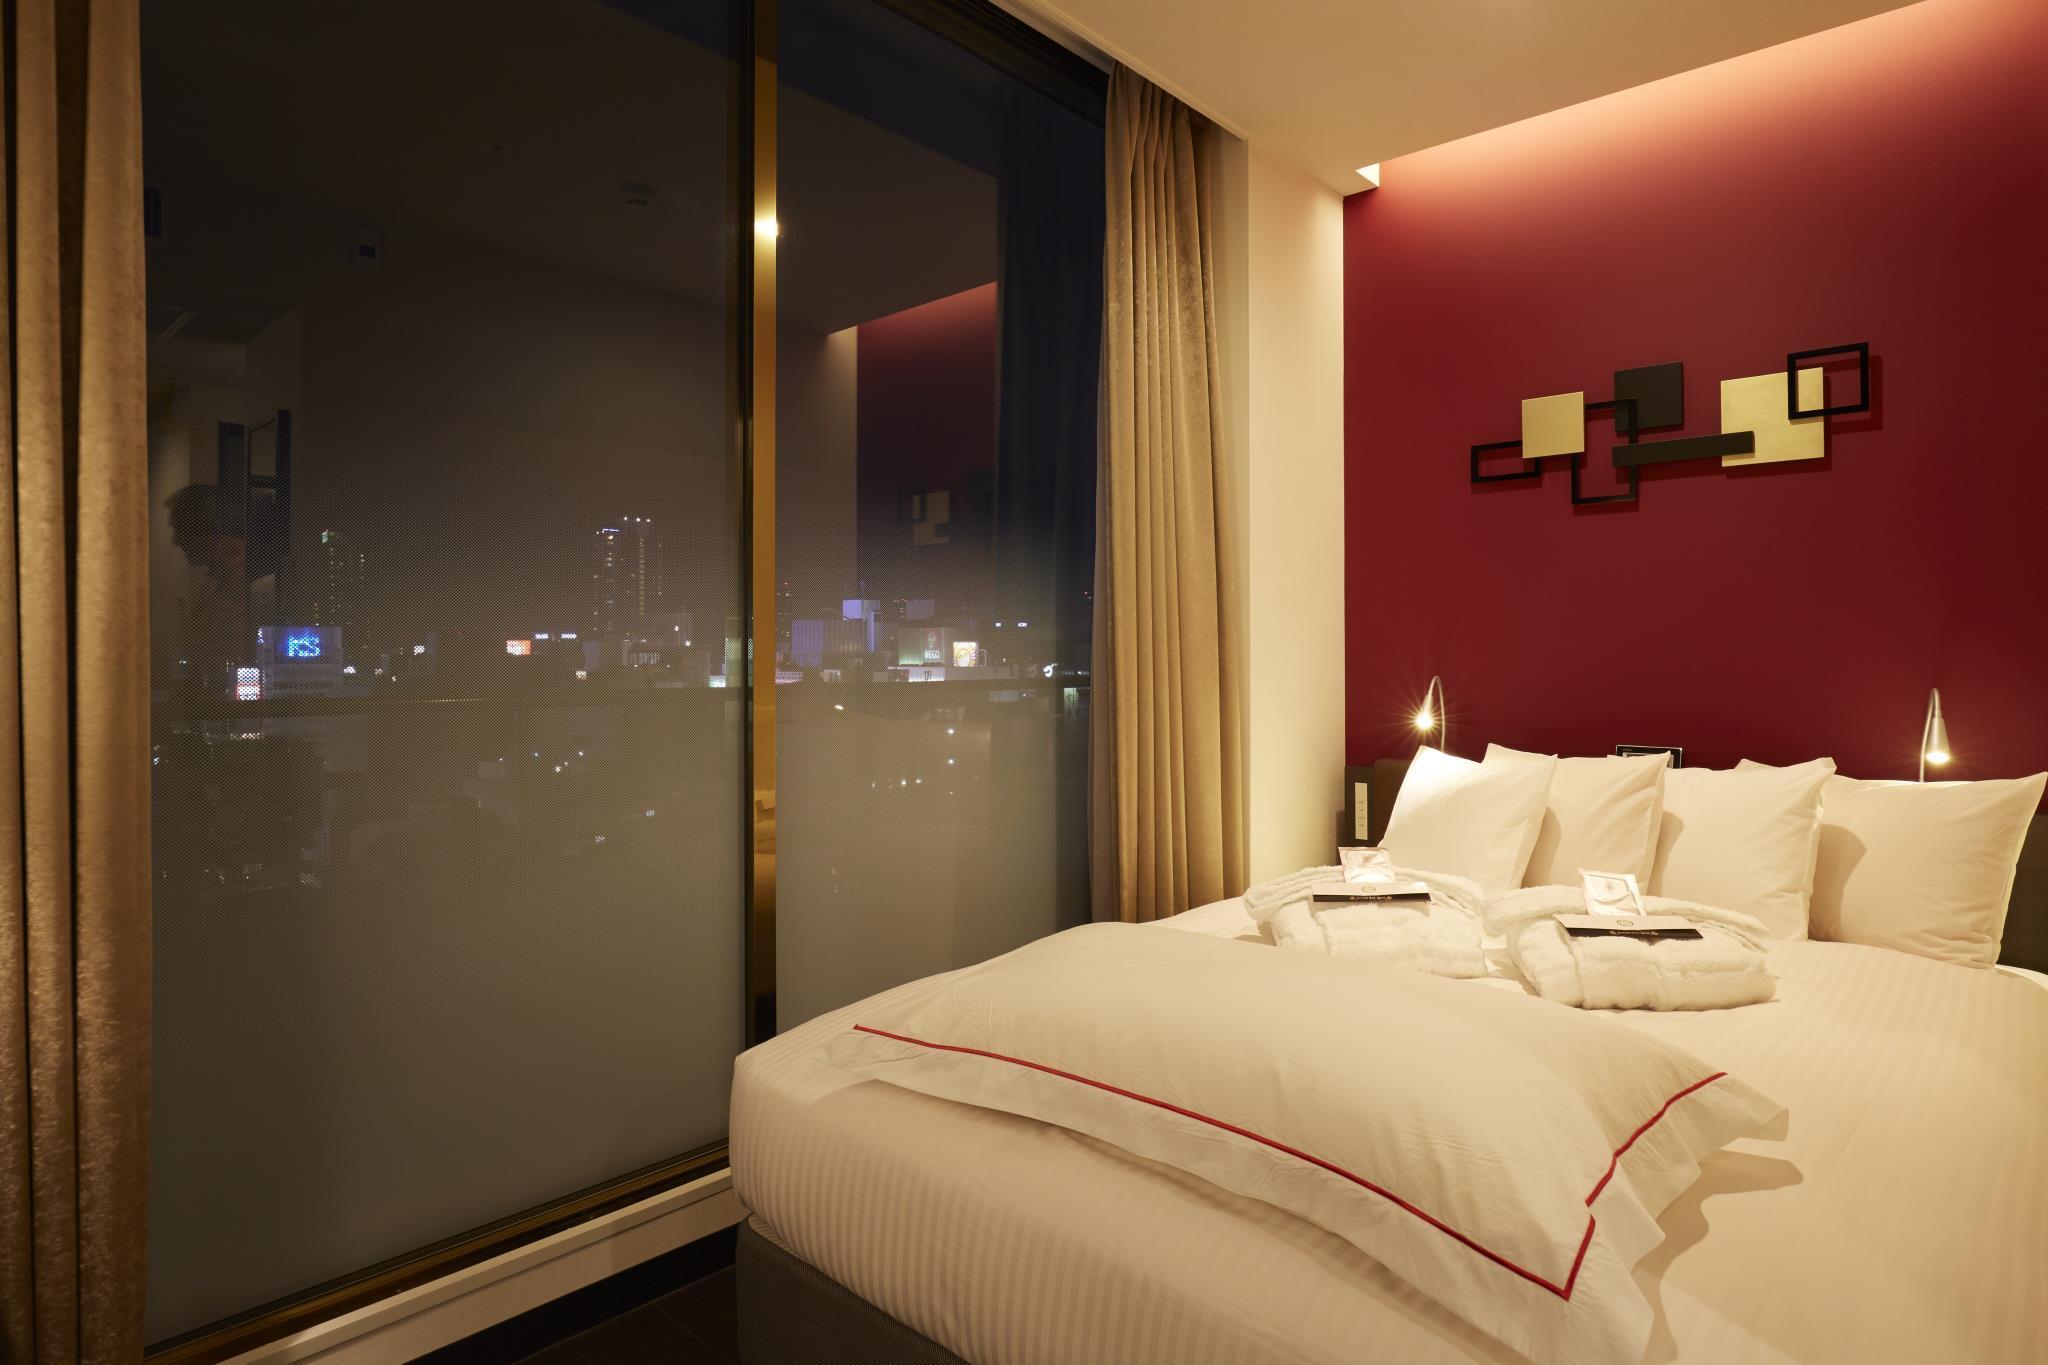 紅屋頂加級大阪難波飯店 (Red Roof Plus Osaka Namba)